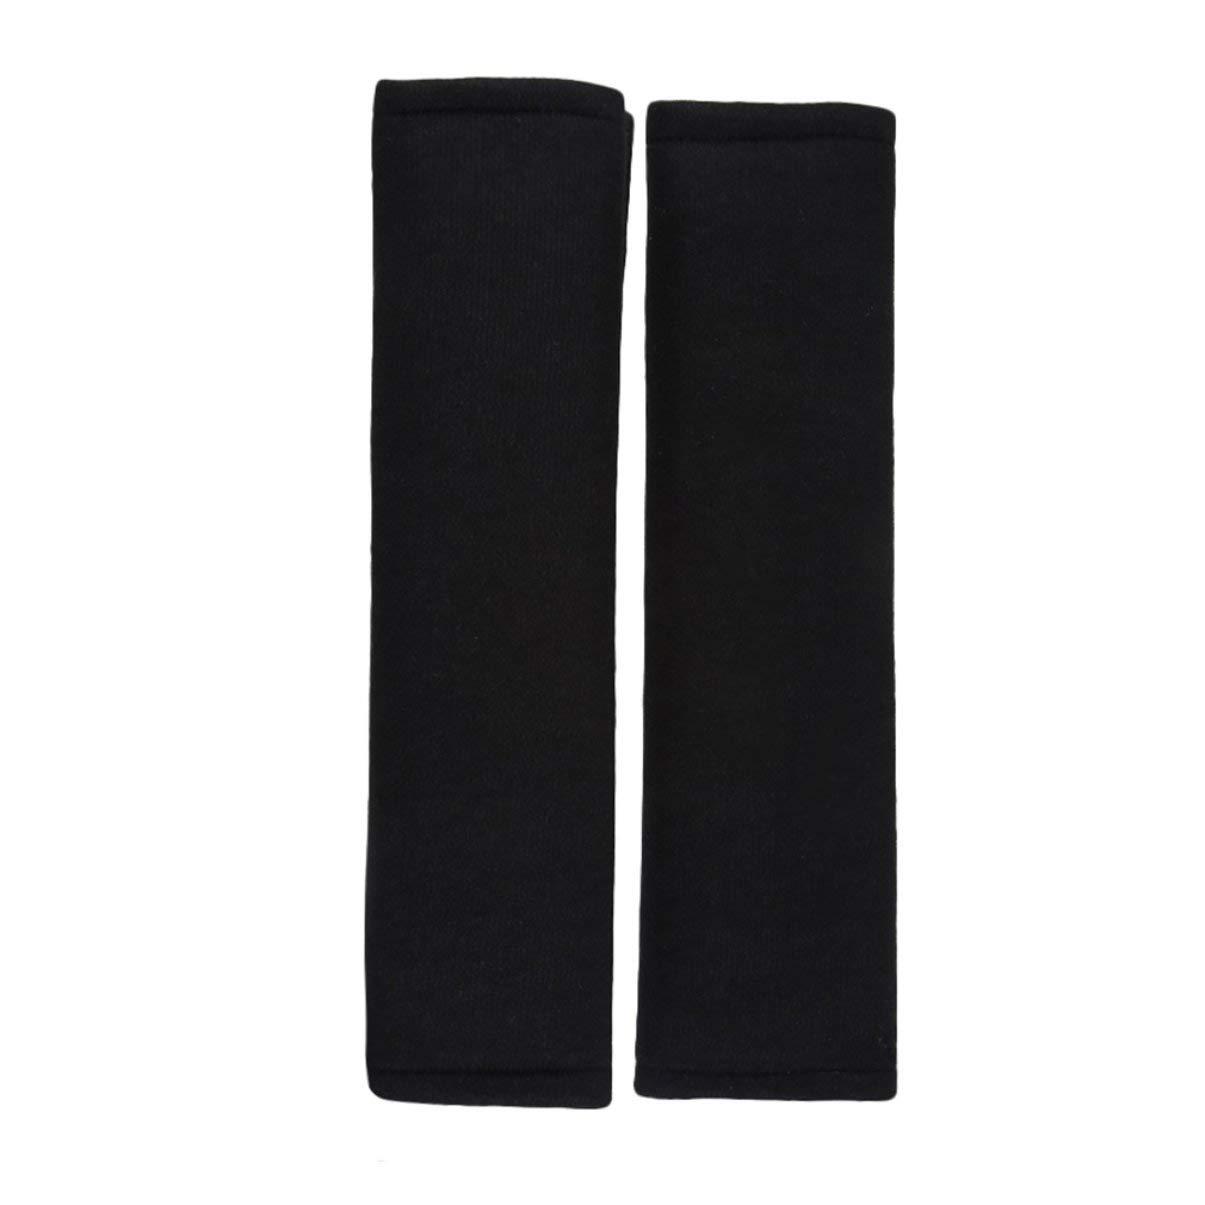 2pcs de voiture confortable ceinture de sécurité épaulettes épaulettes couverture Soft Cushion Harnais Pad Truck Strap Cover automobile accessoires Triamisucake